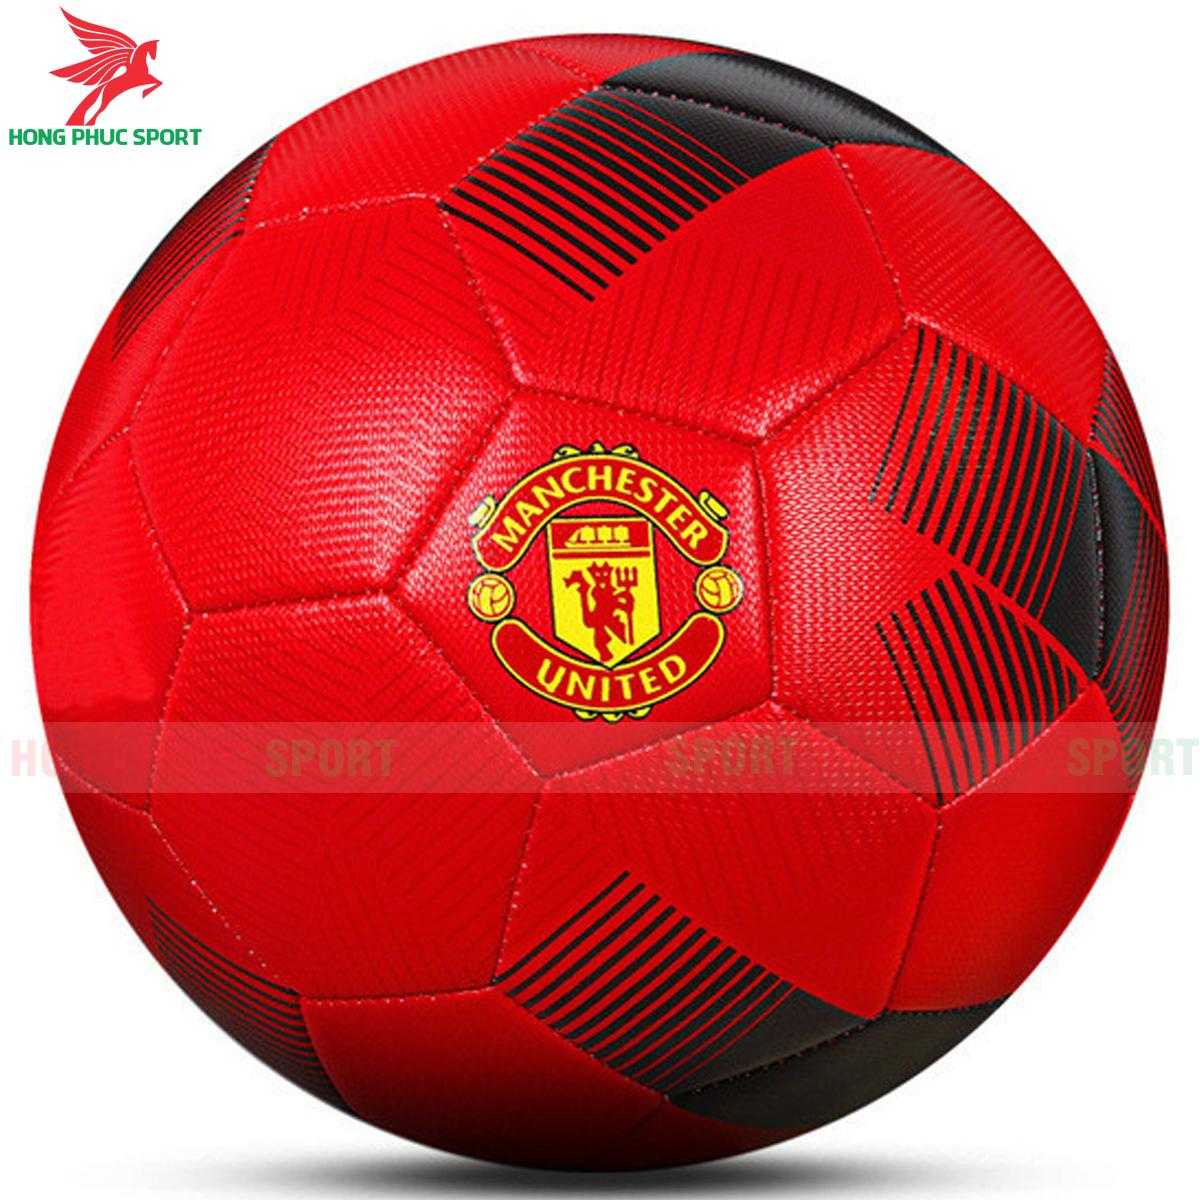 Quả bóng đá Manchester United2021